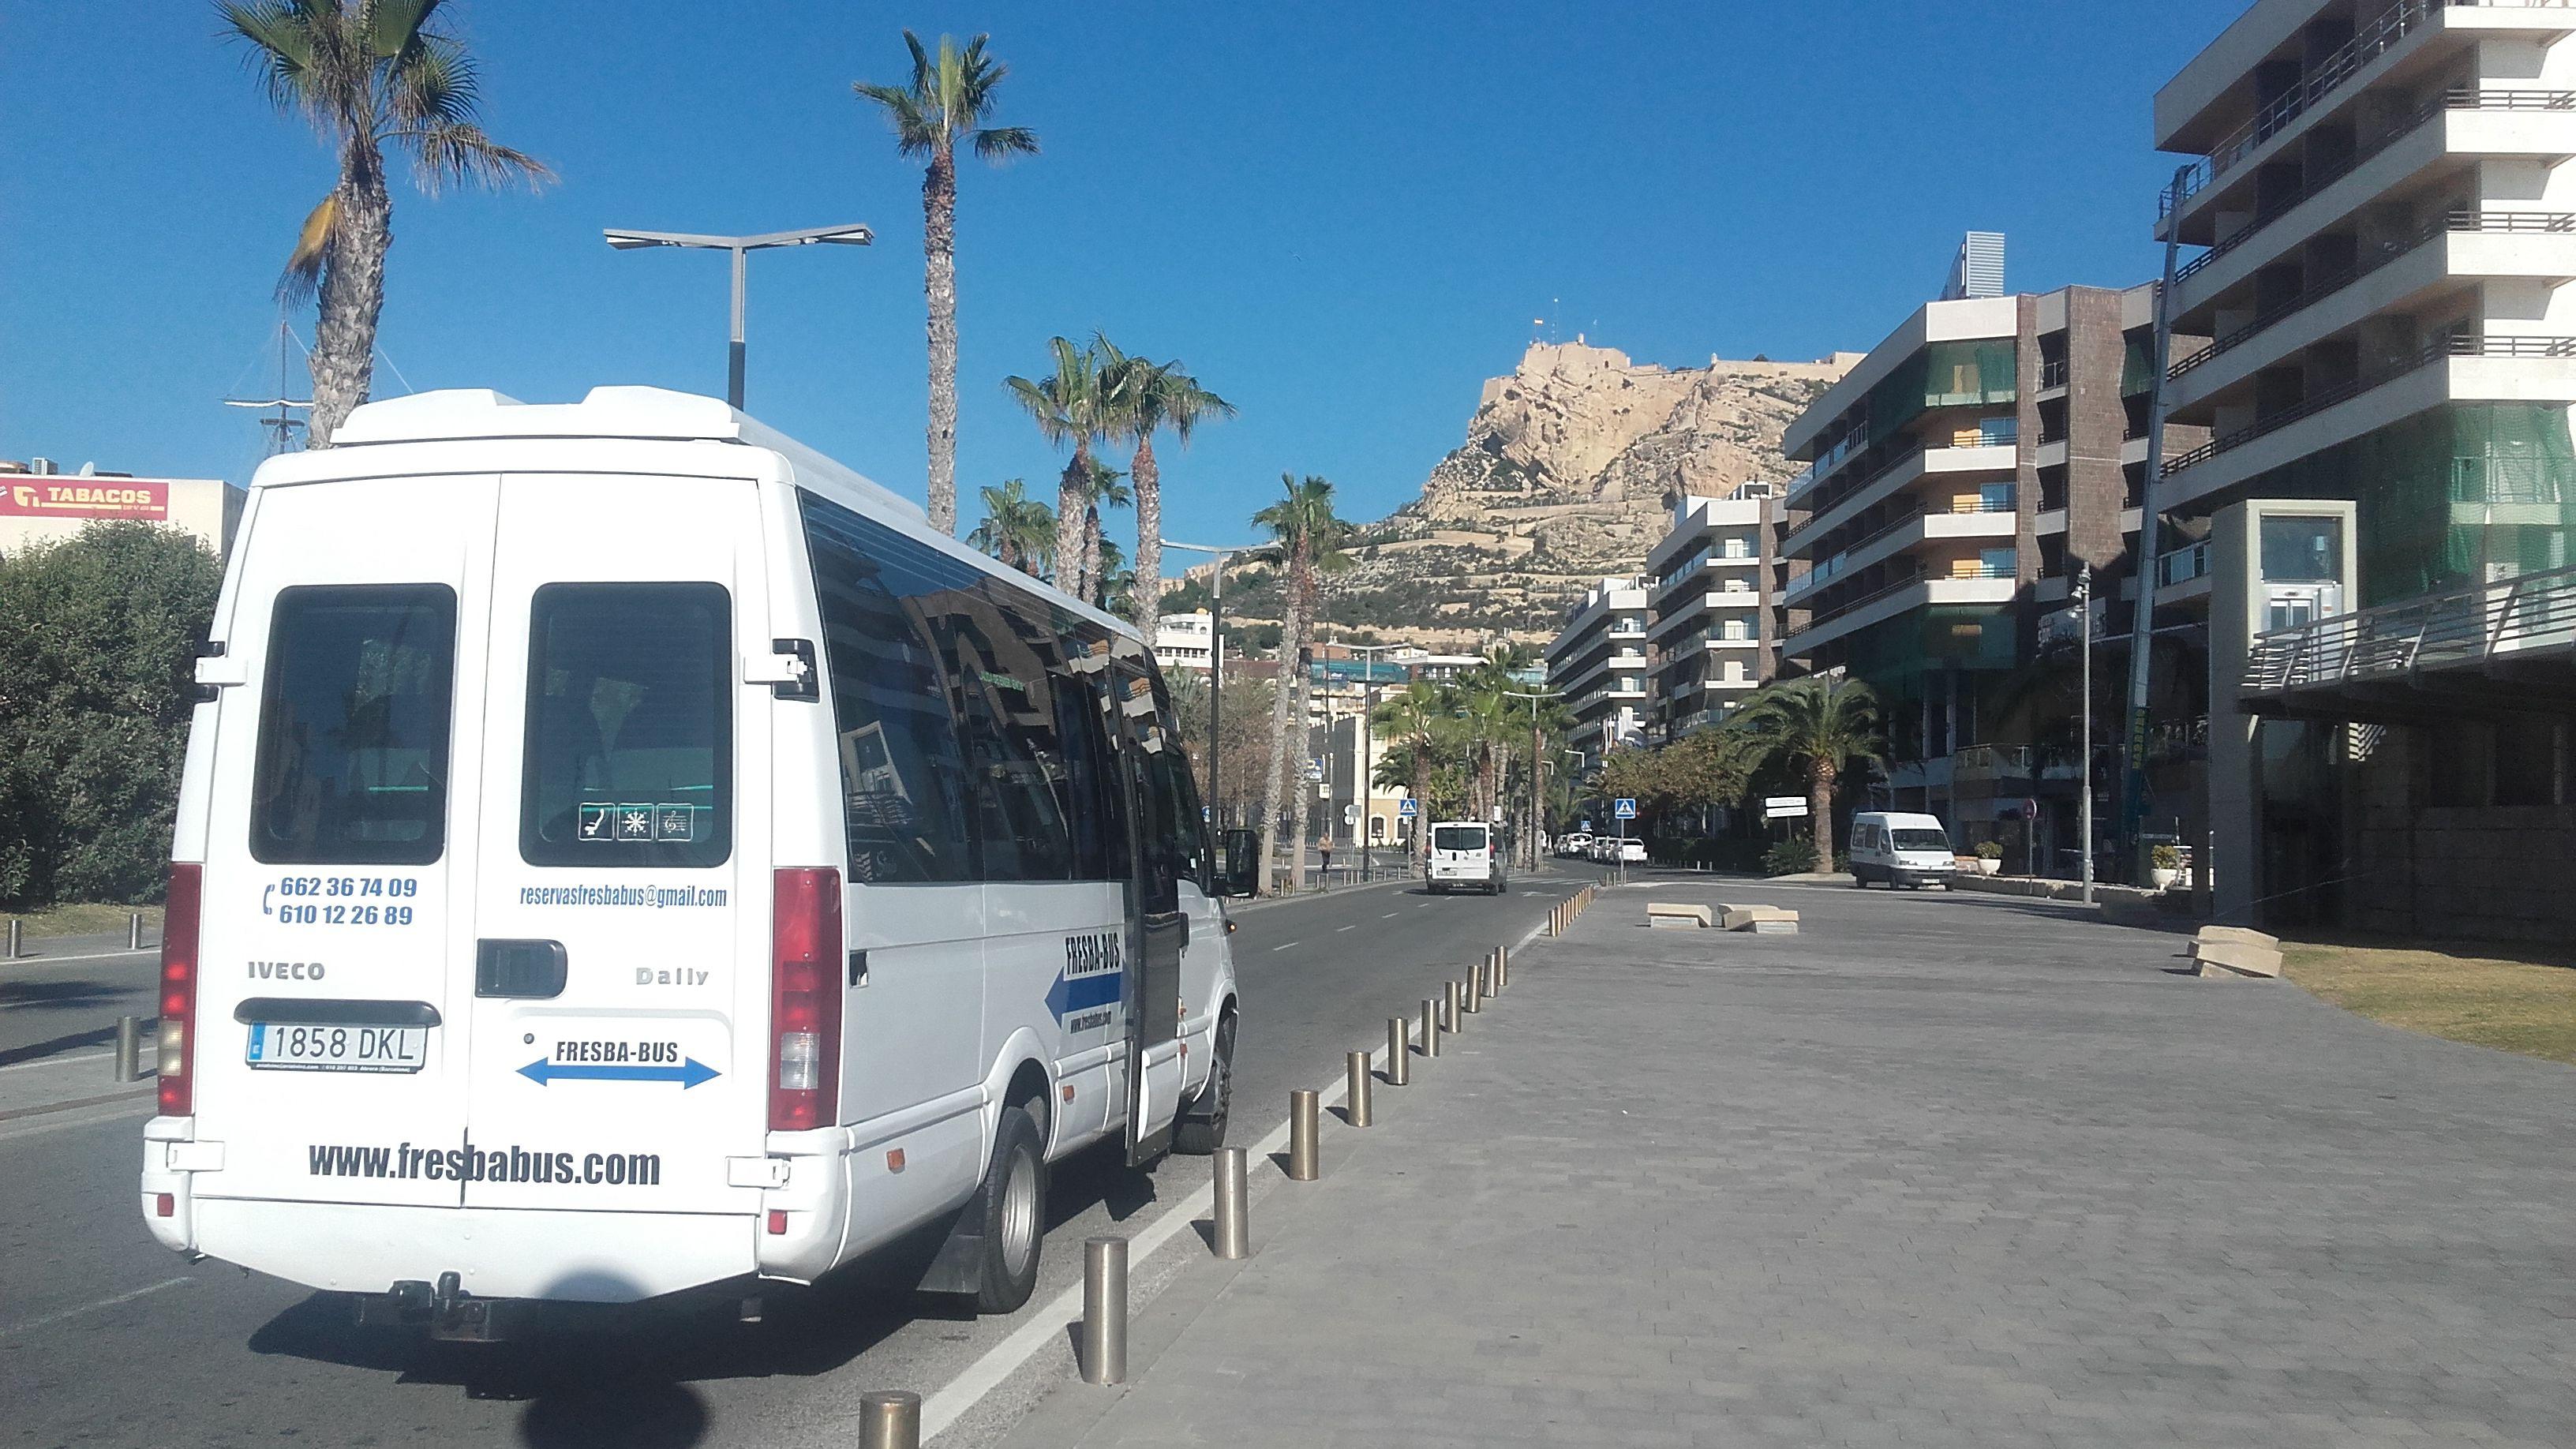 Servicio de autobuses en Alicante